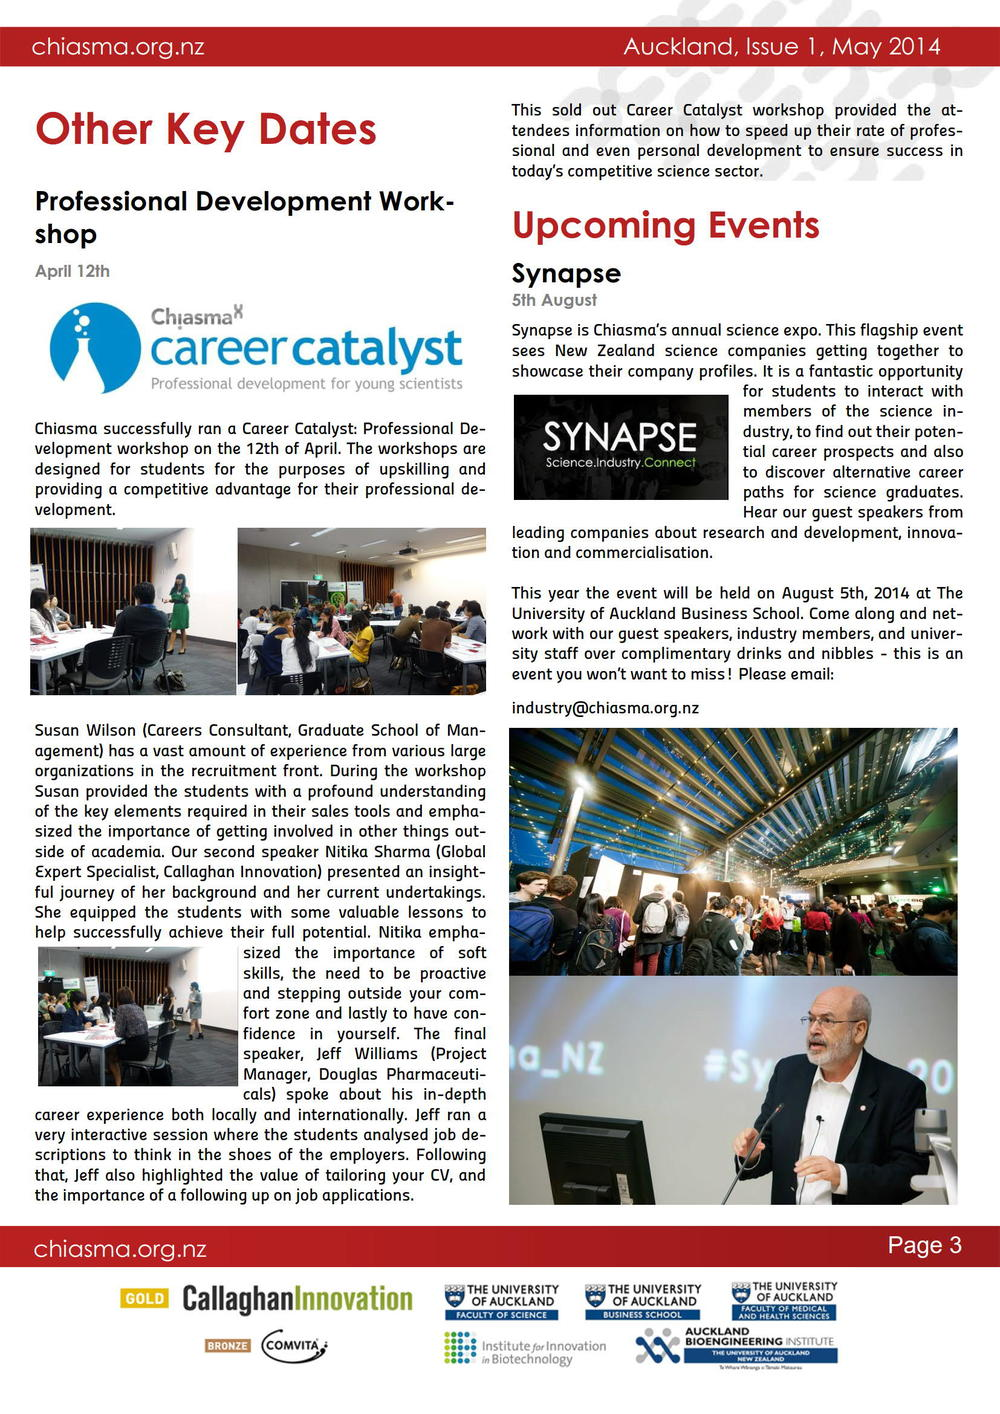 Industry_Newsletter_1_2014_3.jpg